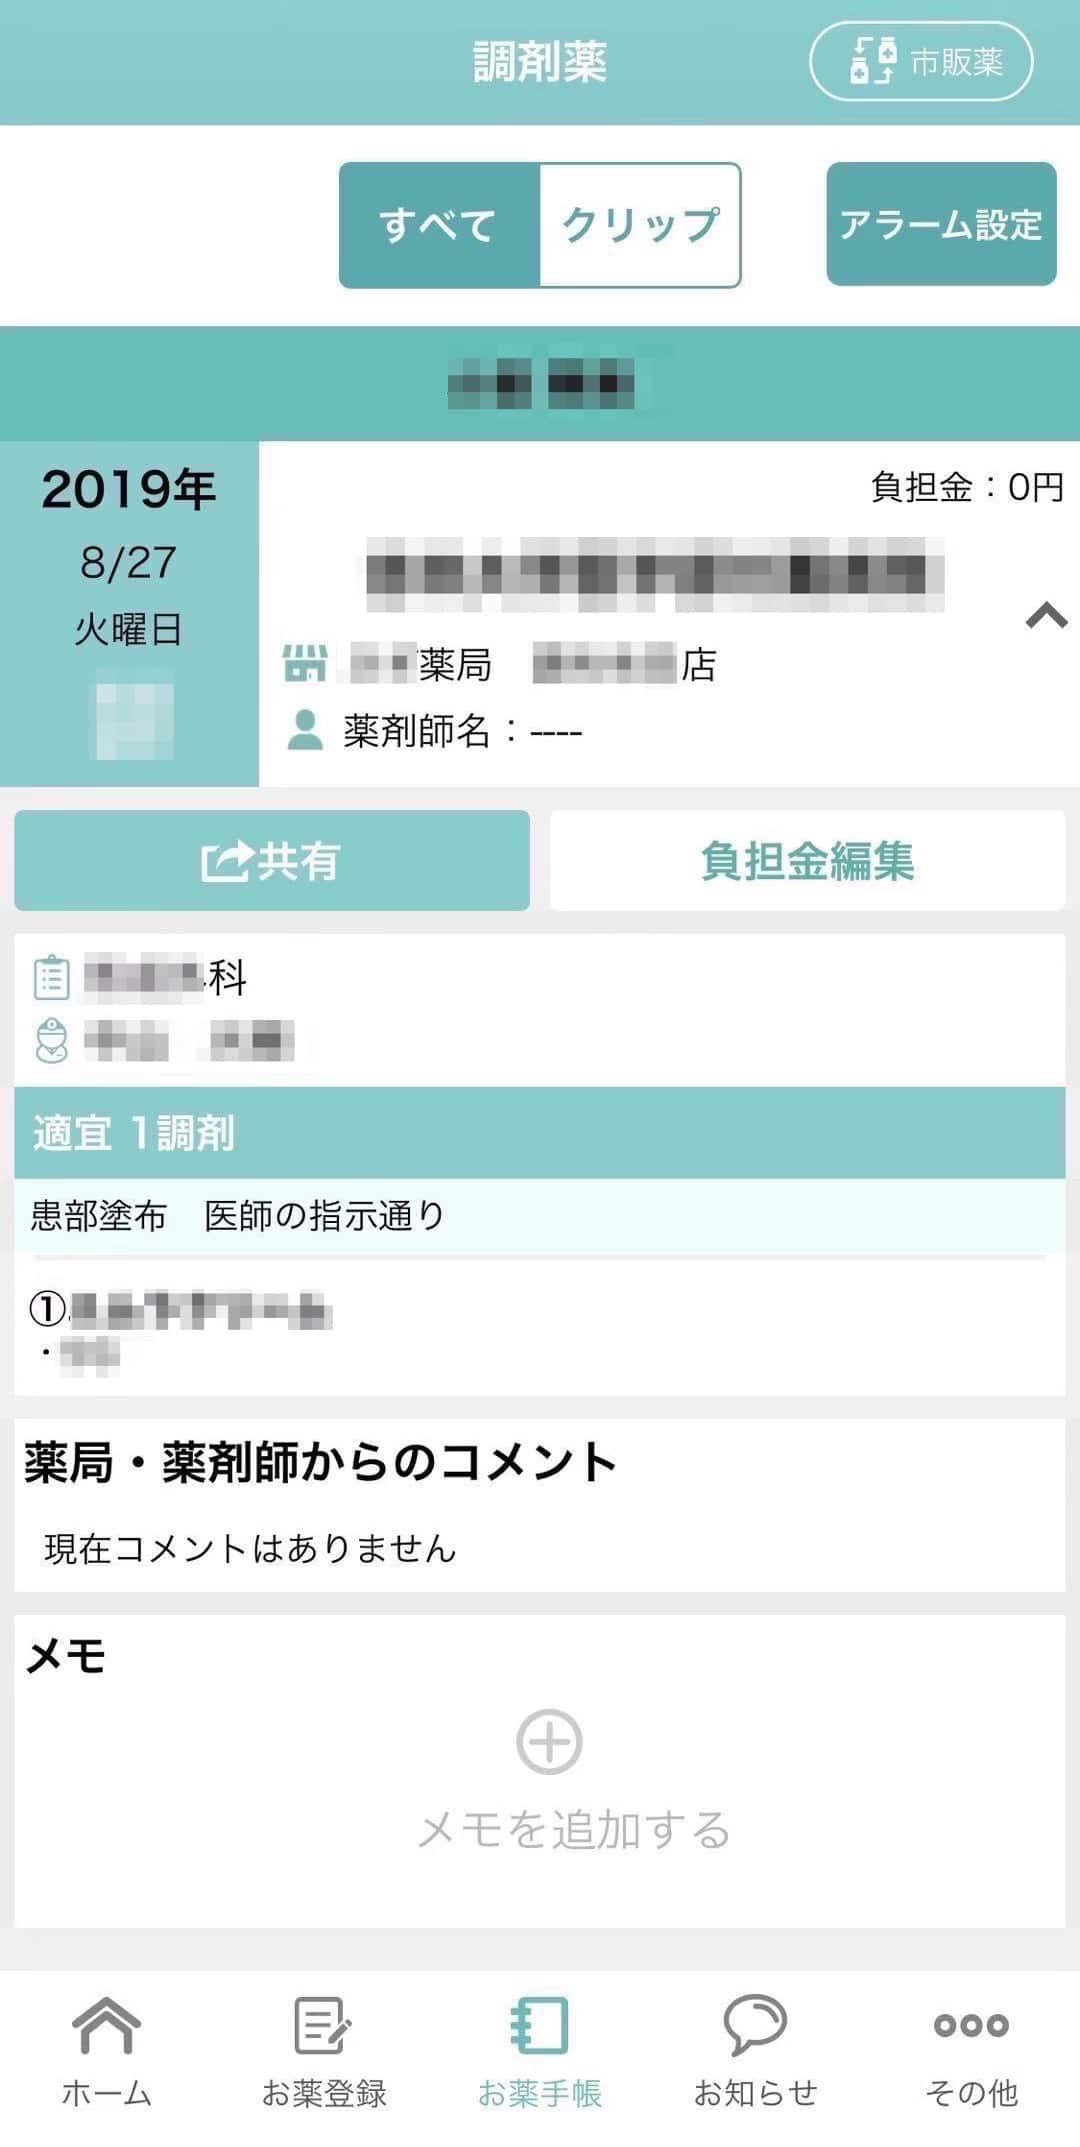 お薬手帳アプリ